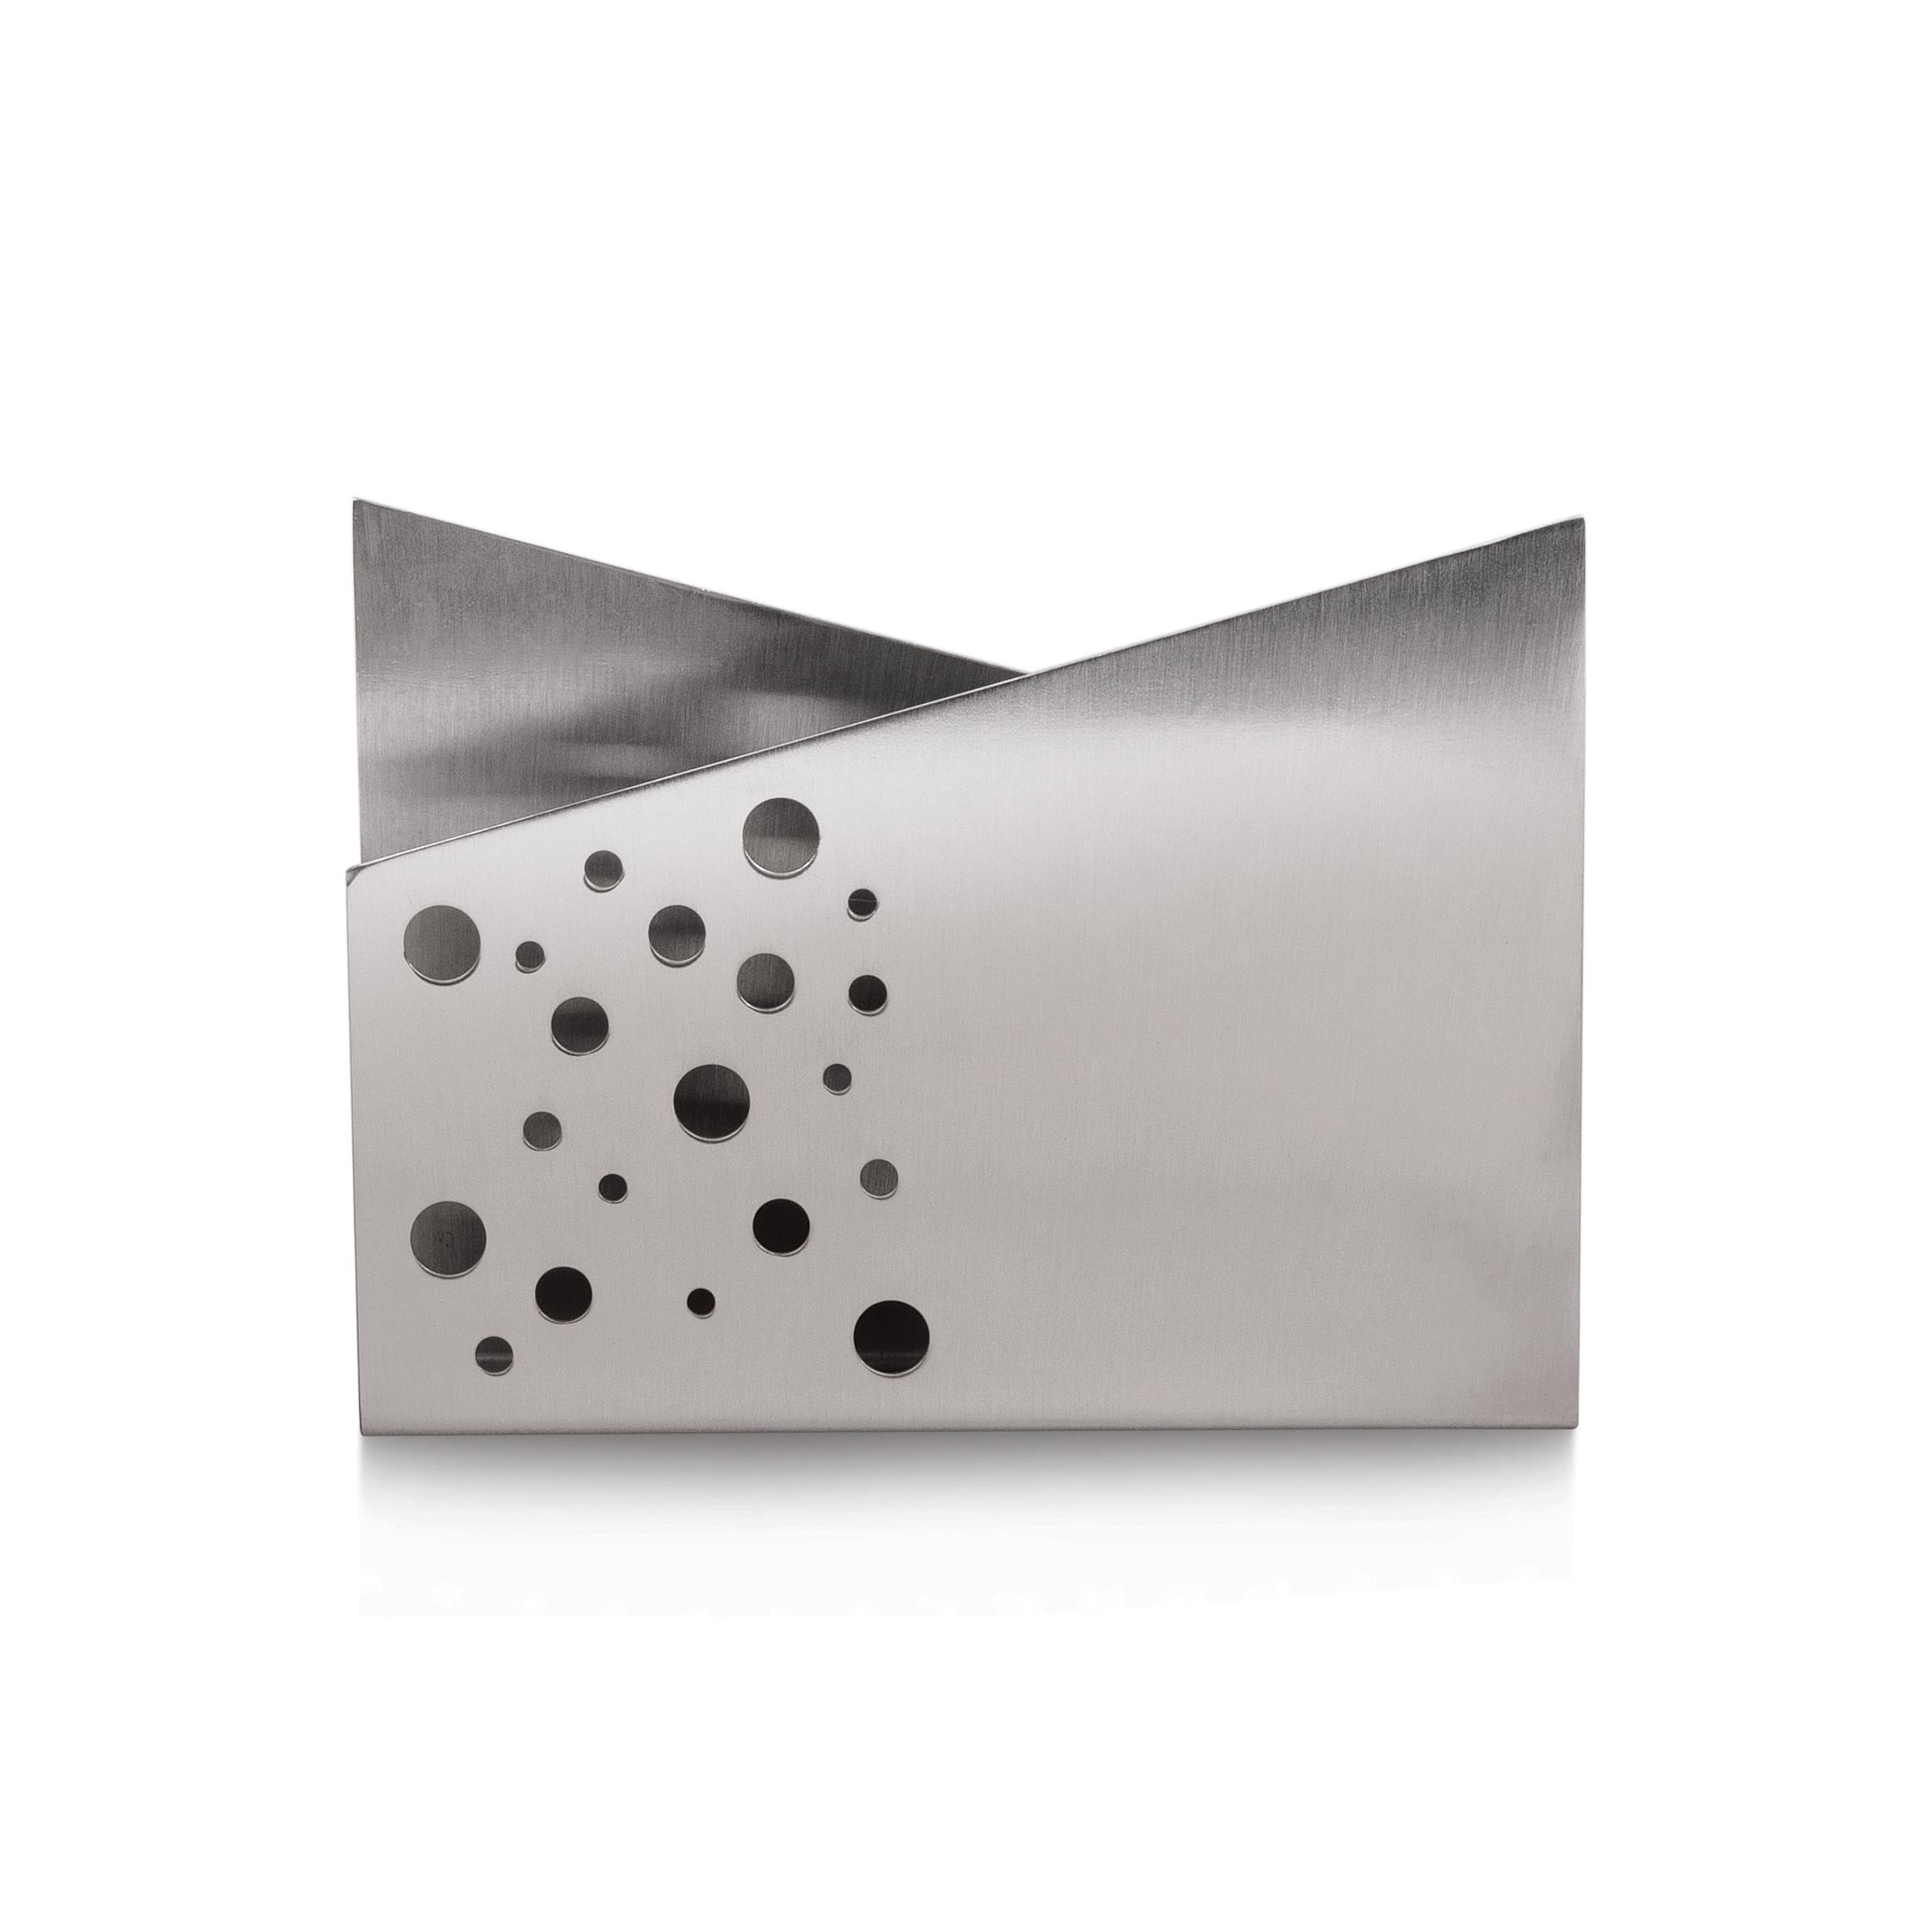 Tissue or Napkin Holder